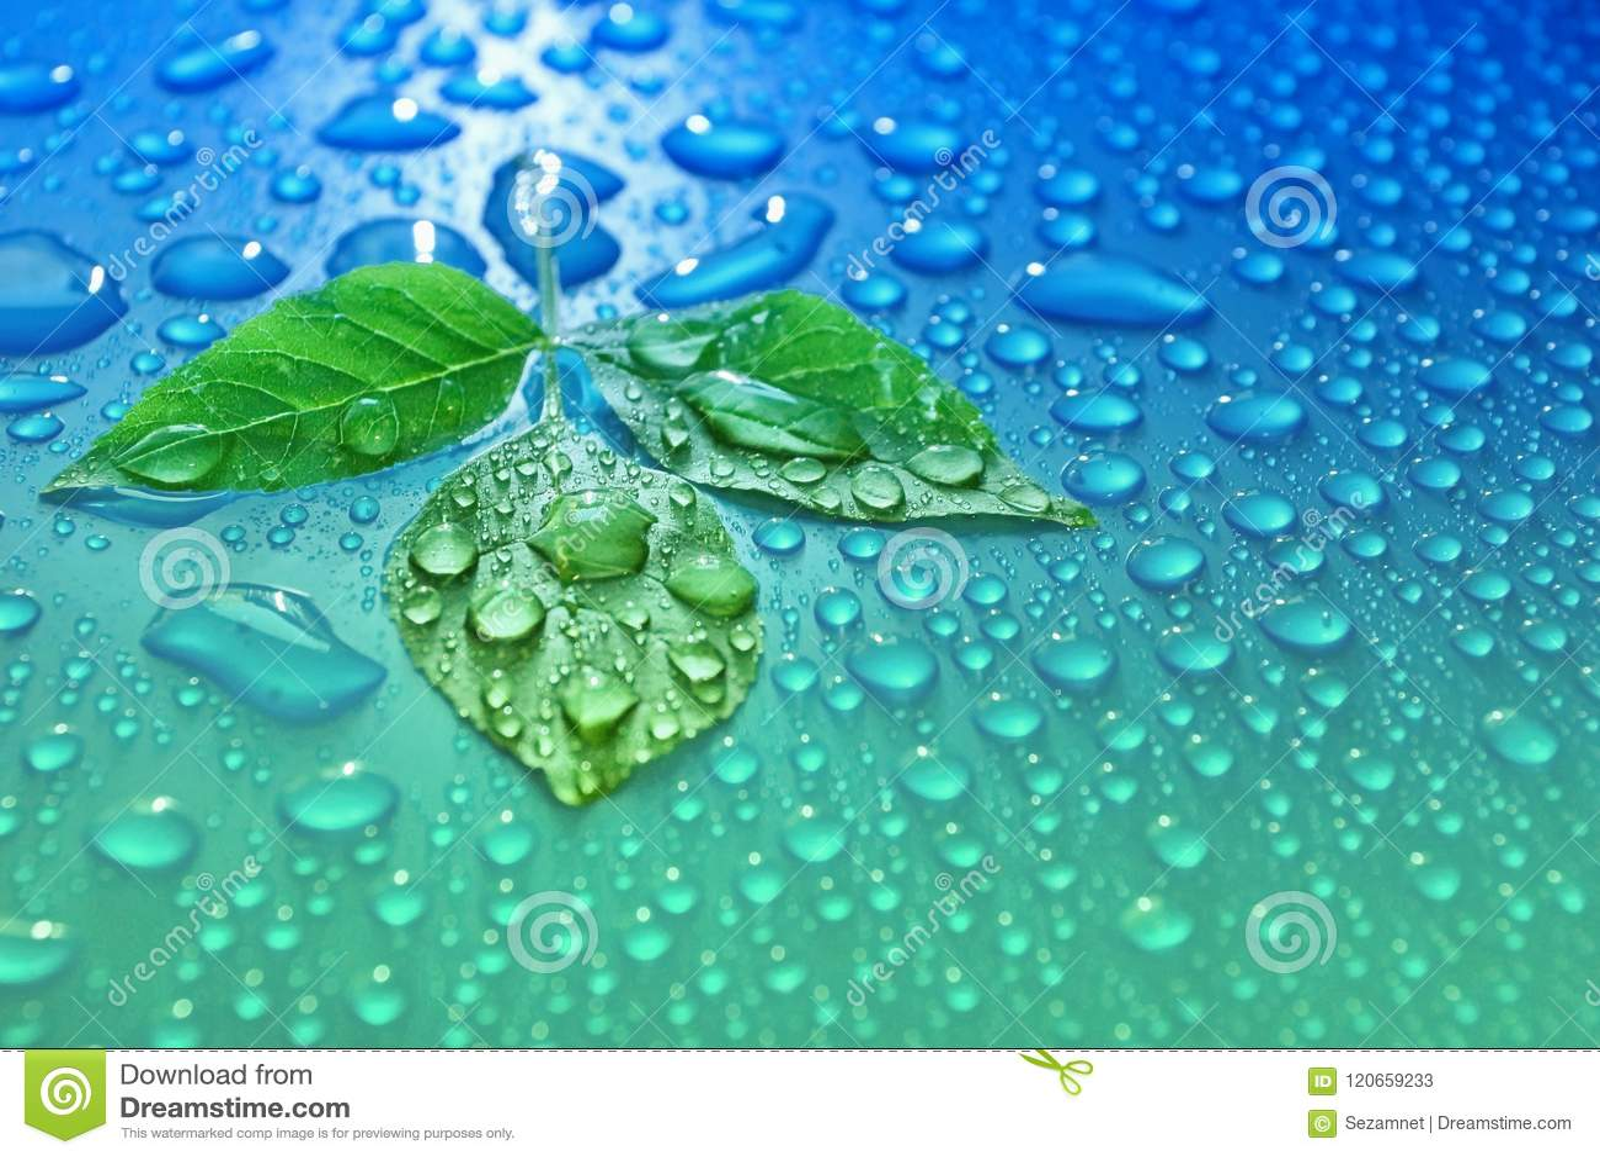 Zieleń liście na błękitne wody opuszczają tło ekologii energię śliwki